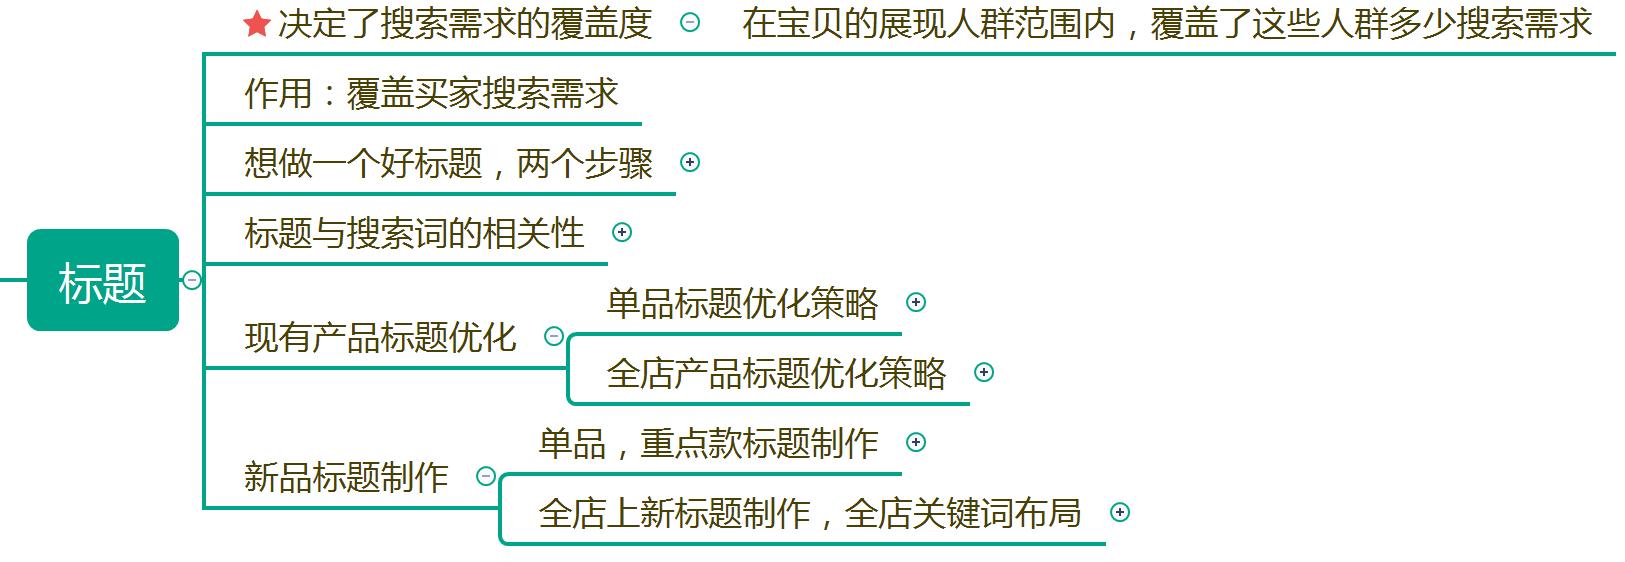 淘宝开店运营搜索流量系列搜索展现层次模型